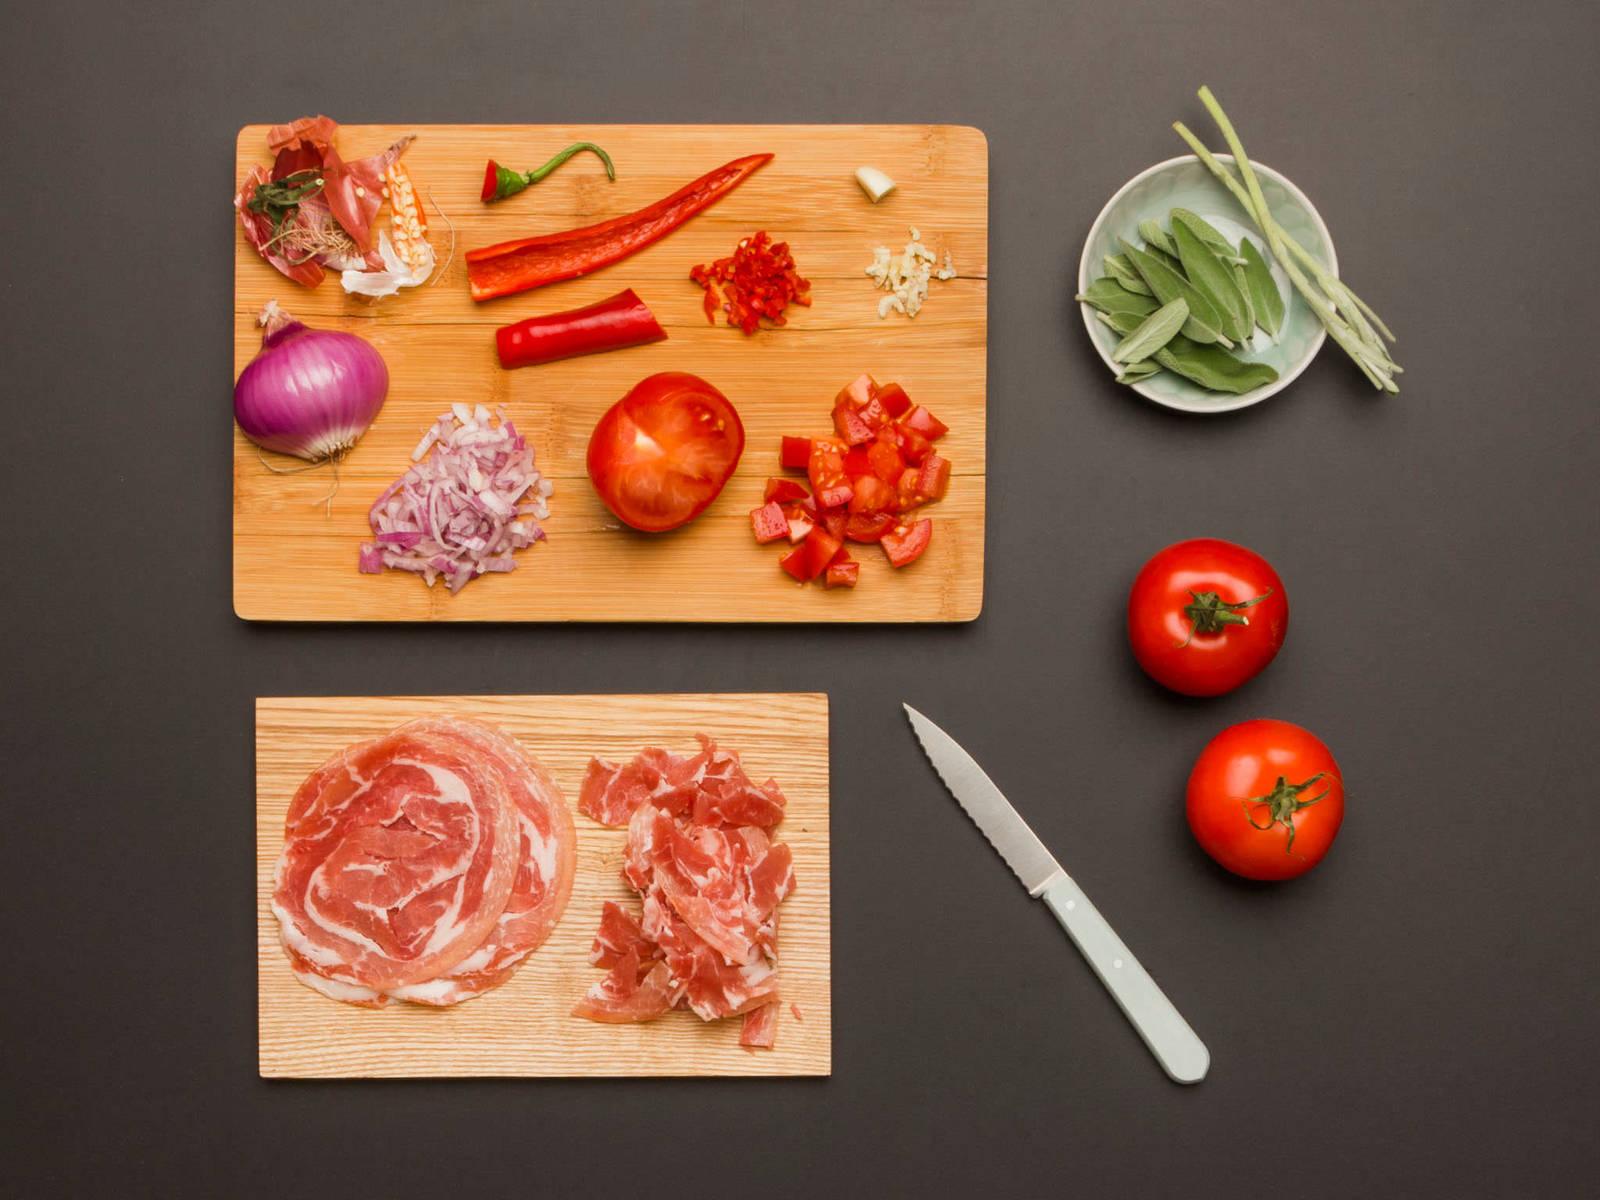 在大平底锅中加一半盐水,煮沸。从枝干上摘下鼠尾草叶,压碎大蒜,大致切一下。切开辣椒,去籽,切碎。洋葱切细丁。意大利培根切成大片。番茄切半再切丁。